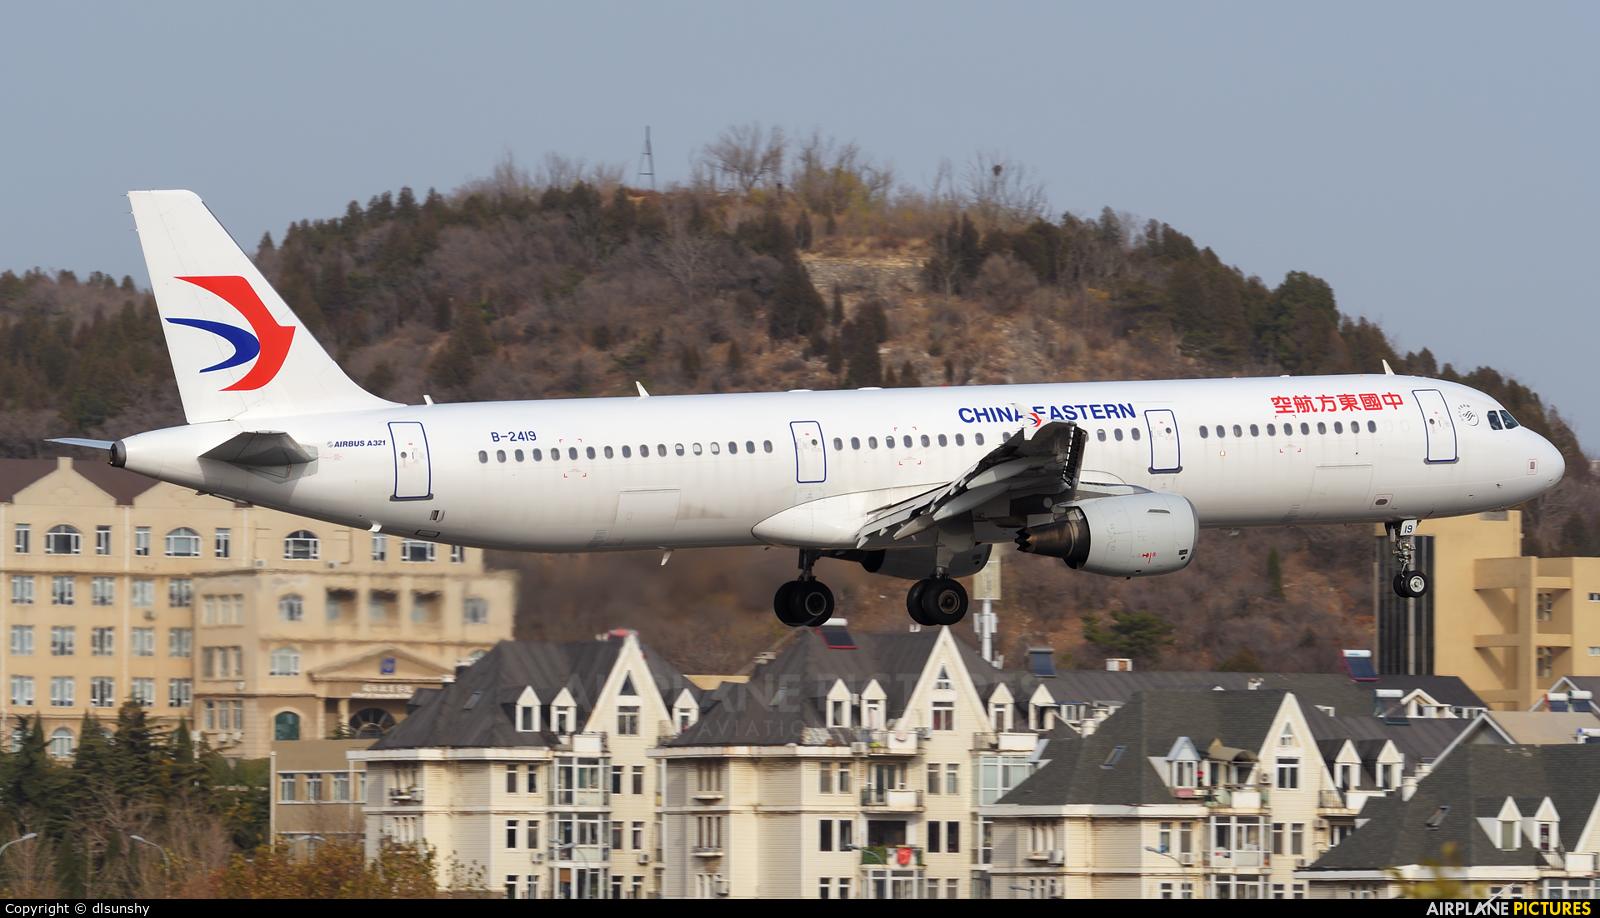 China Eastern Airlines B-2419 aircraft at Dalian Zhoushuizi Int'l